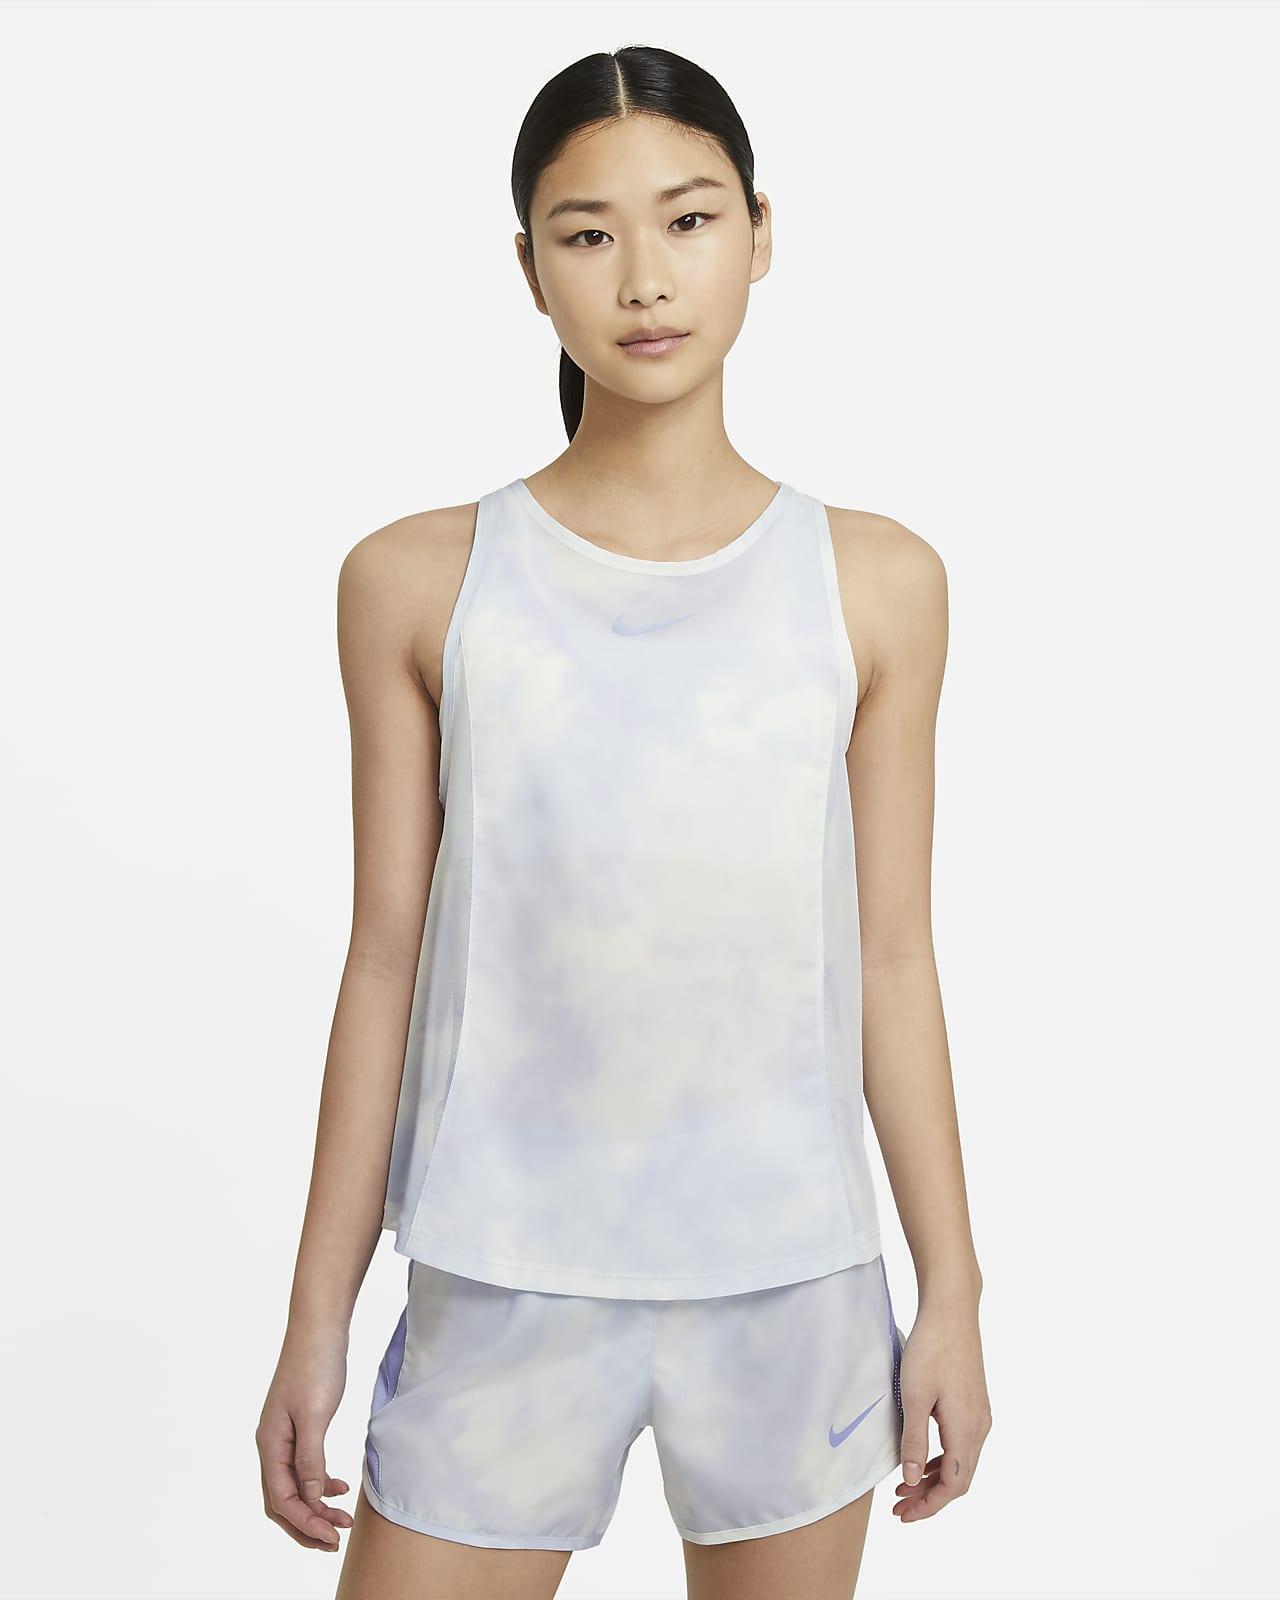 เสื้อกล้ามวิ่งผู้หญิง Nike Icon Clash City Sleek